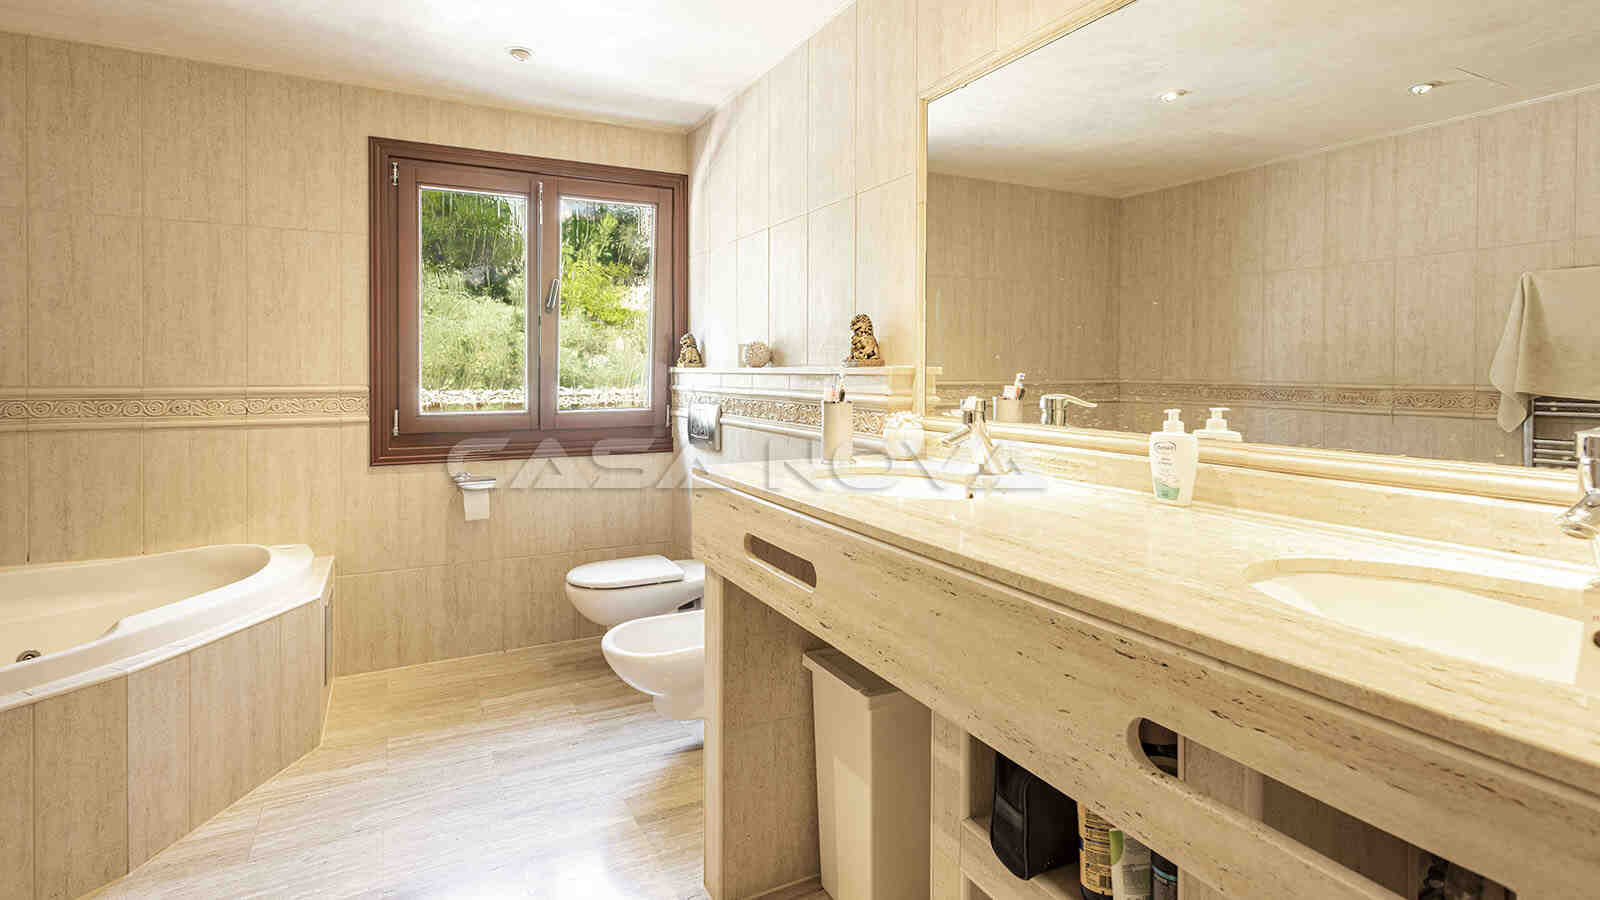 Großes Badezimmer mit Badewanne